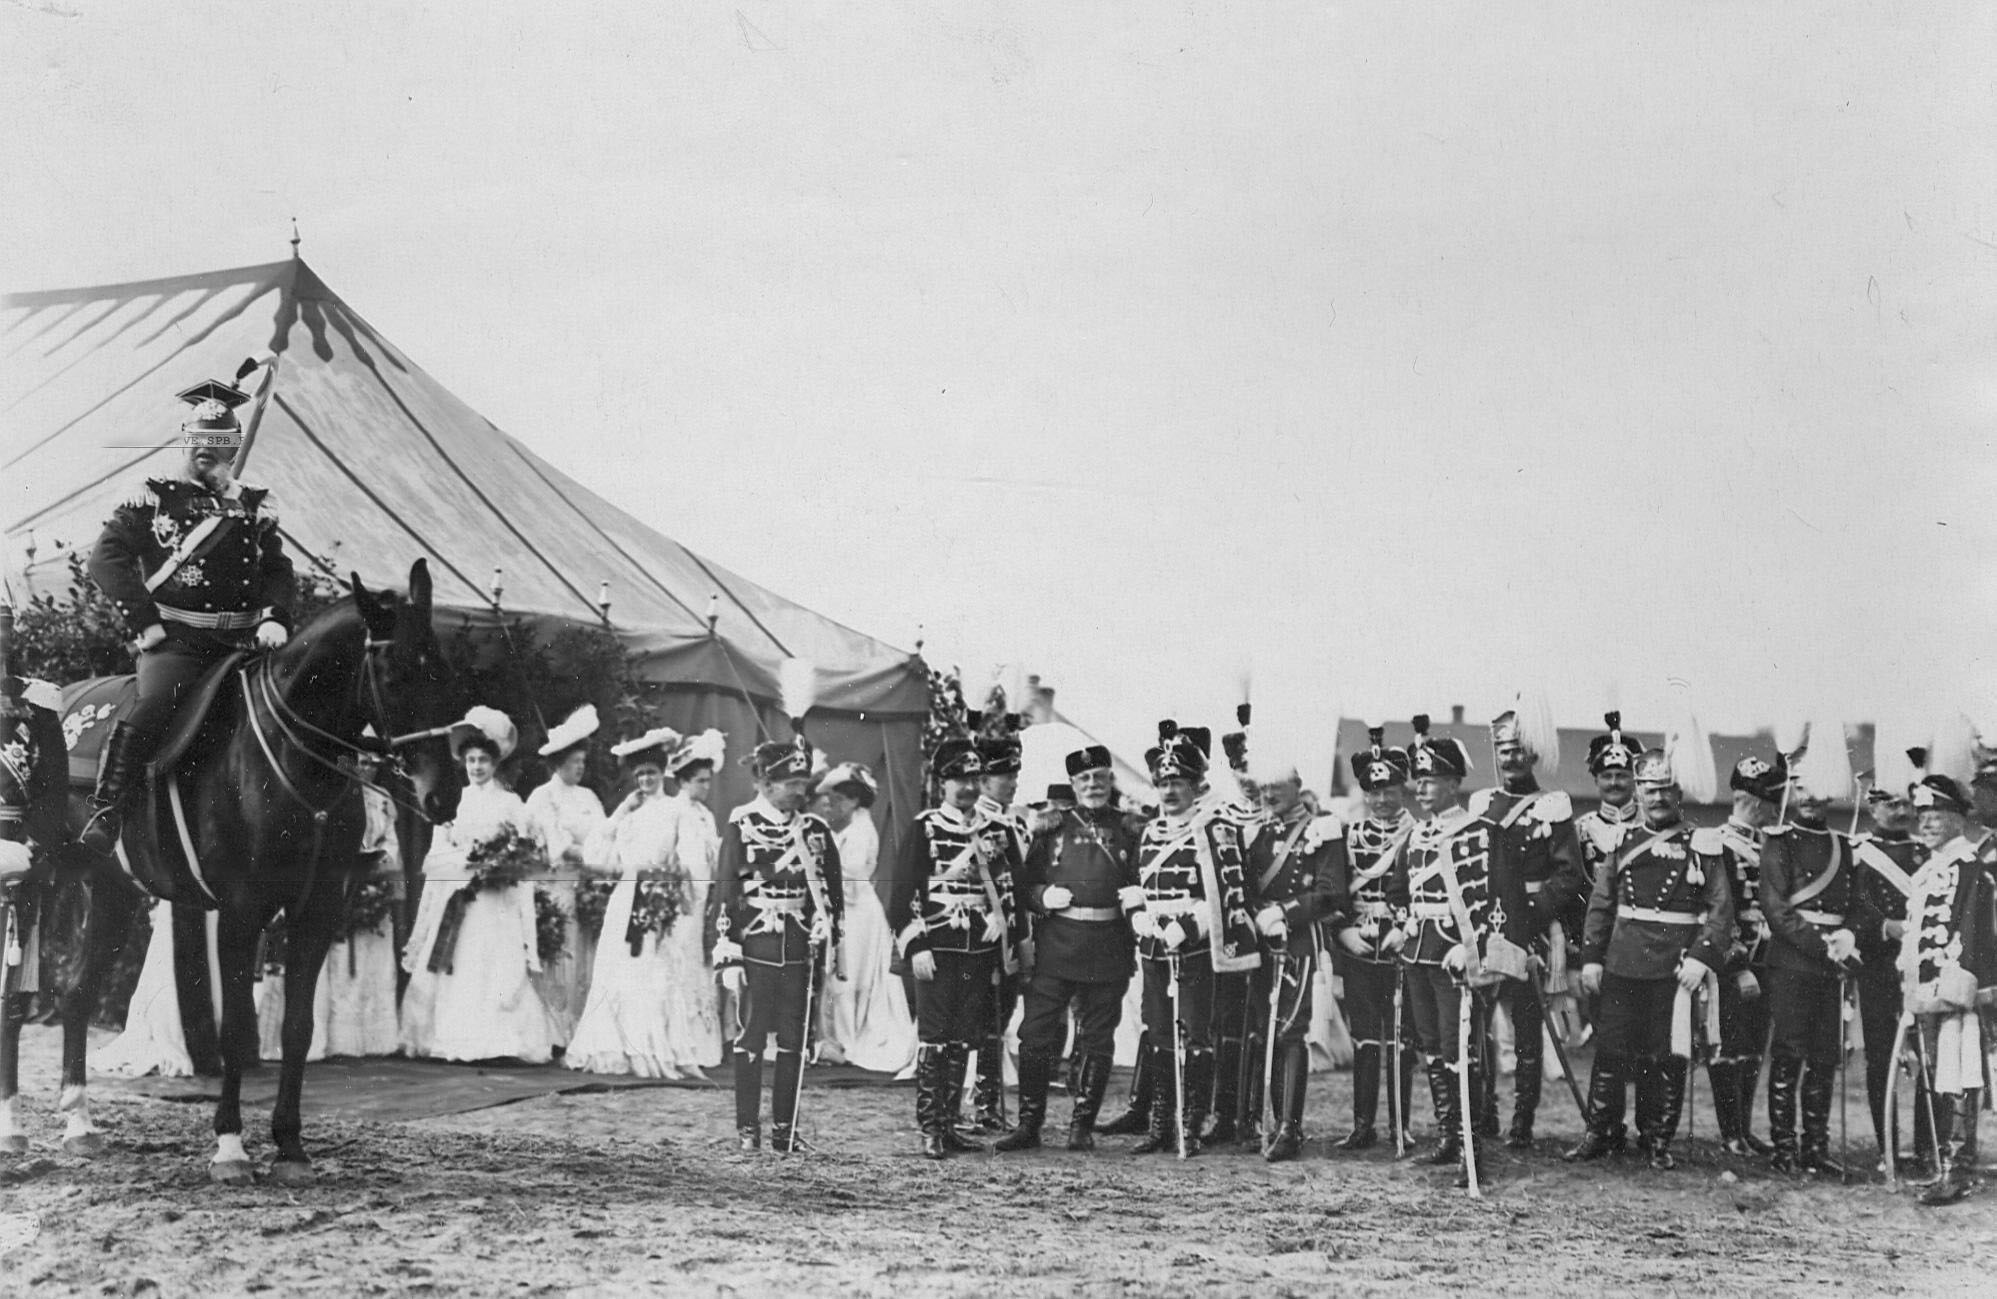 Офицеры германской армии - «гусары смерти» и прусские уланы на праздновании 250-летнего юбилея полка